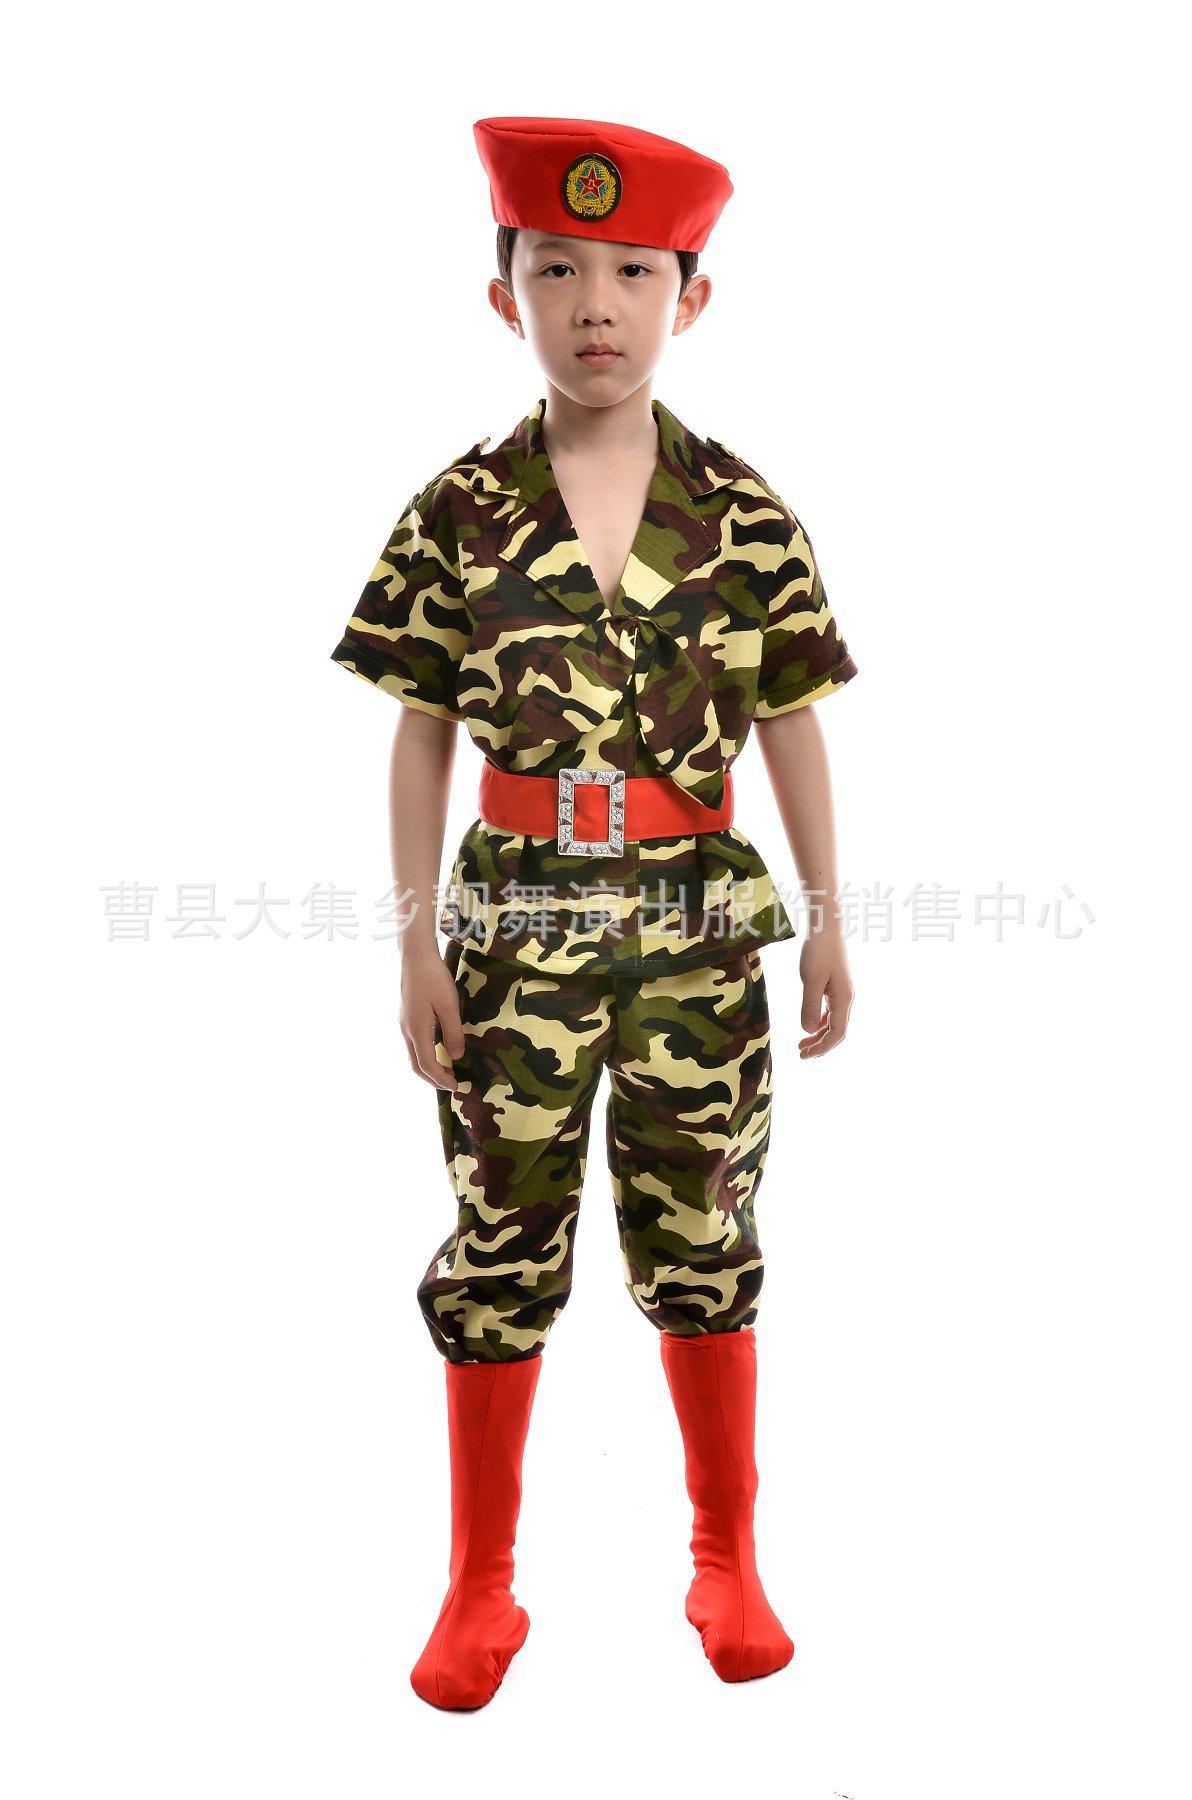 厂家直销~新款儿童迷彩海军服男童舞台演出服六一舞台服现货低价